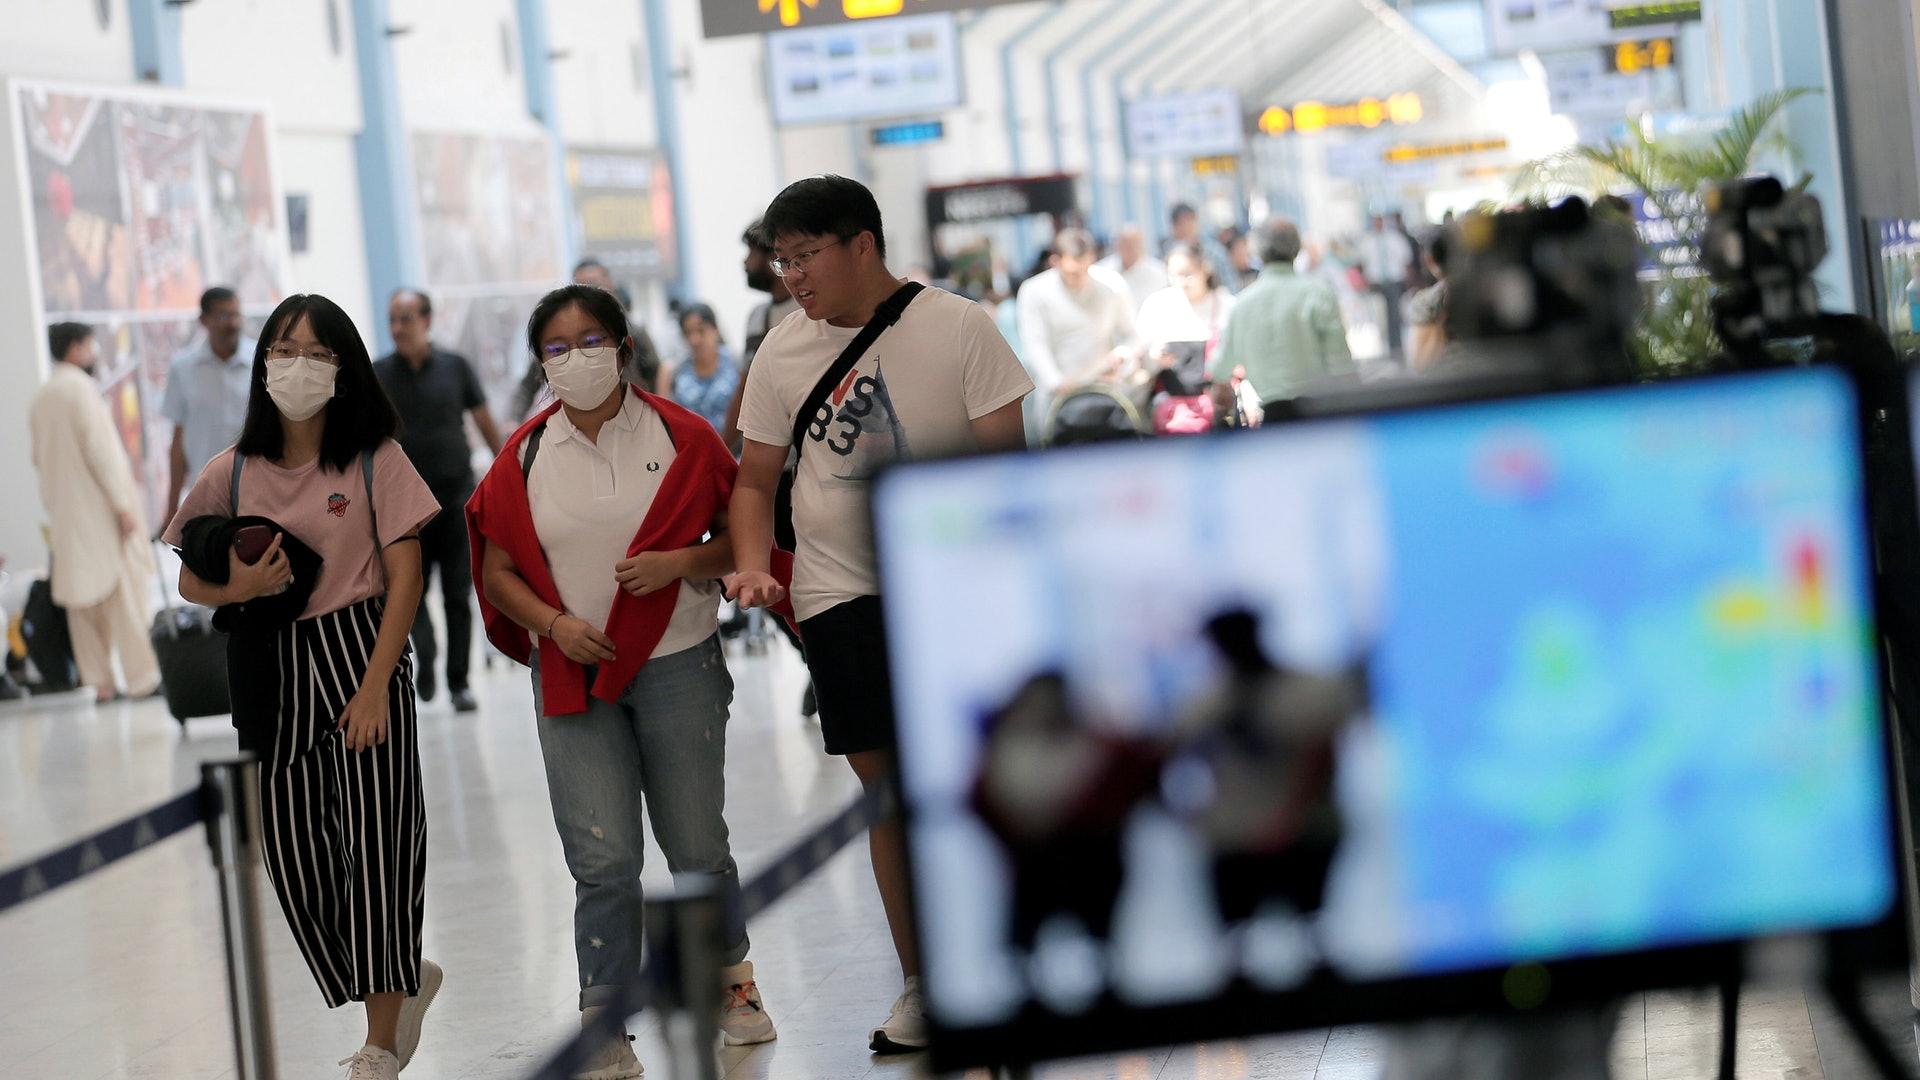 فحص فيروس كورونا على الأجانب فى ماليزيا يكشف إيجابية 676 شخصا